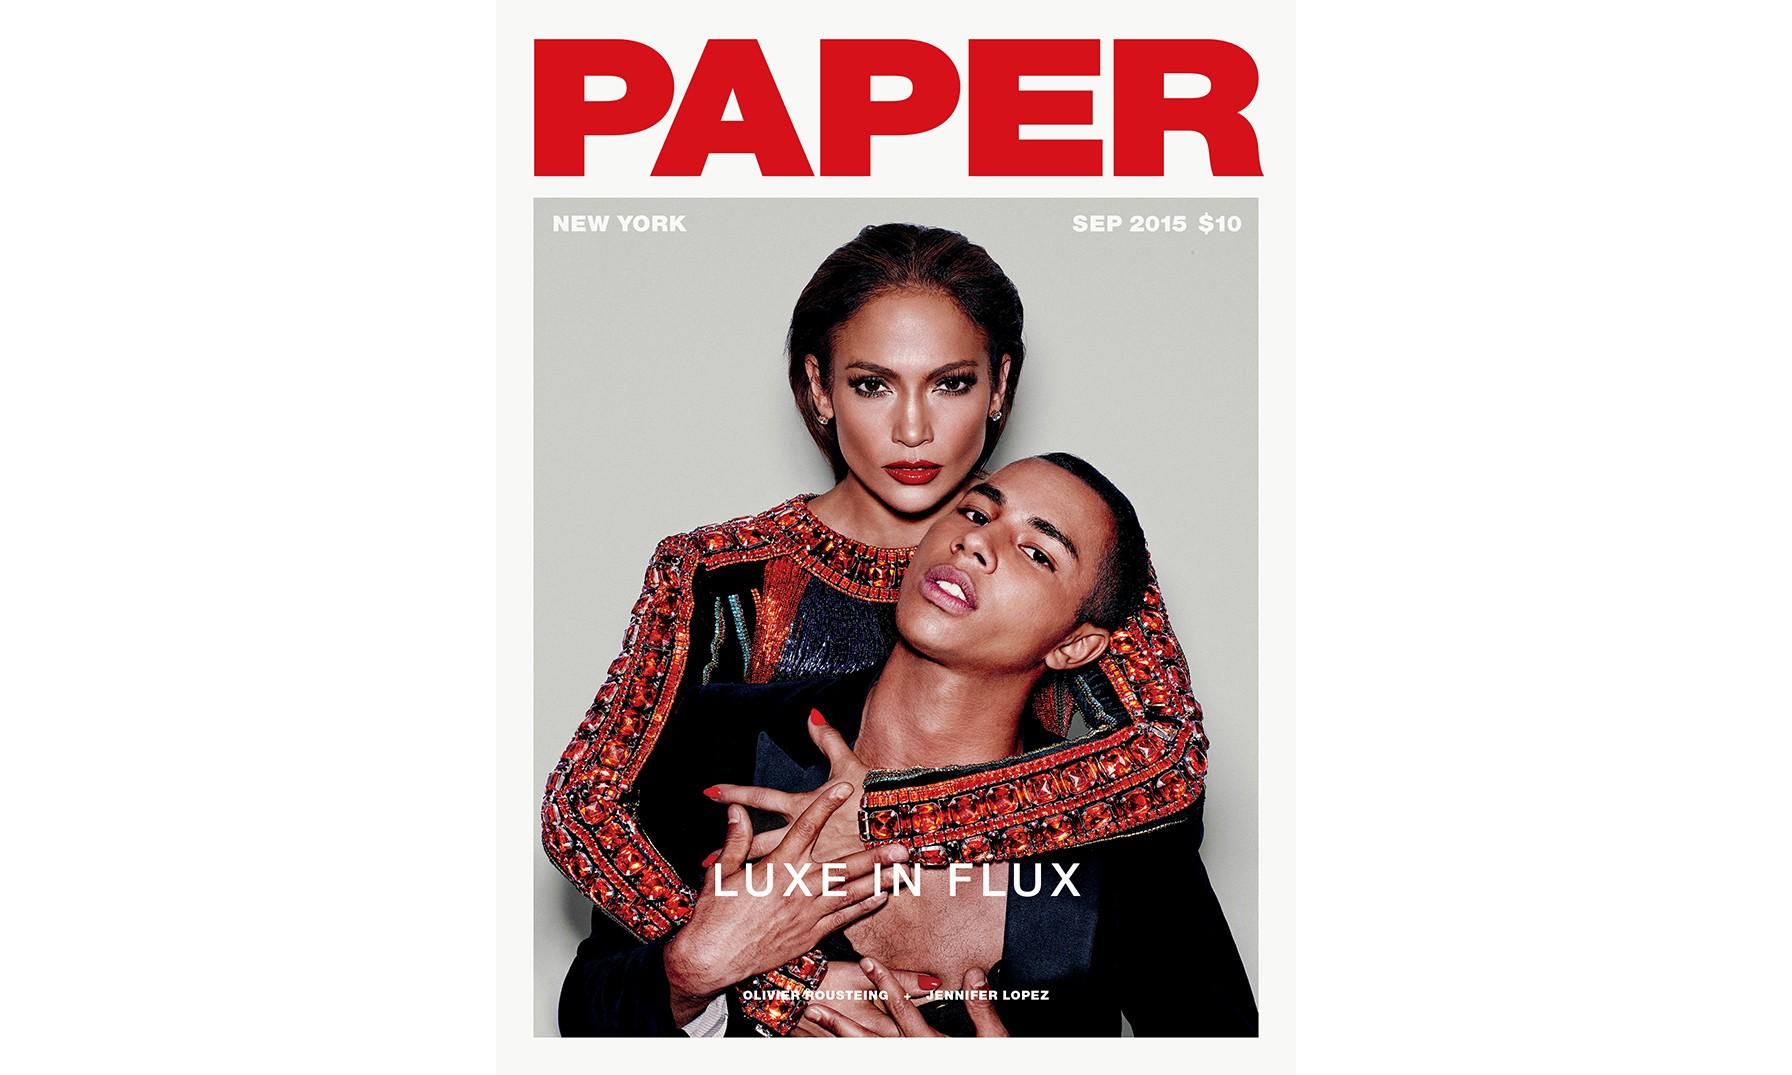 纽约时尚杂志《PAPER》9 月刊封面欣赏